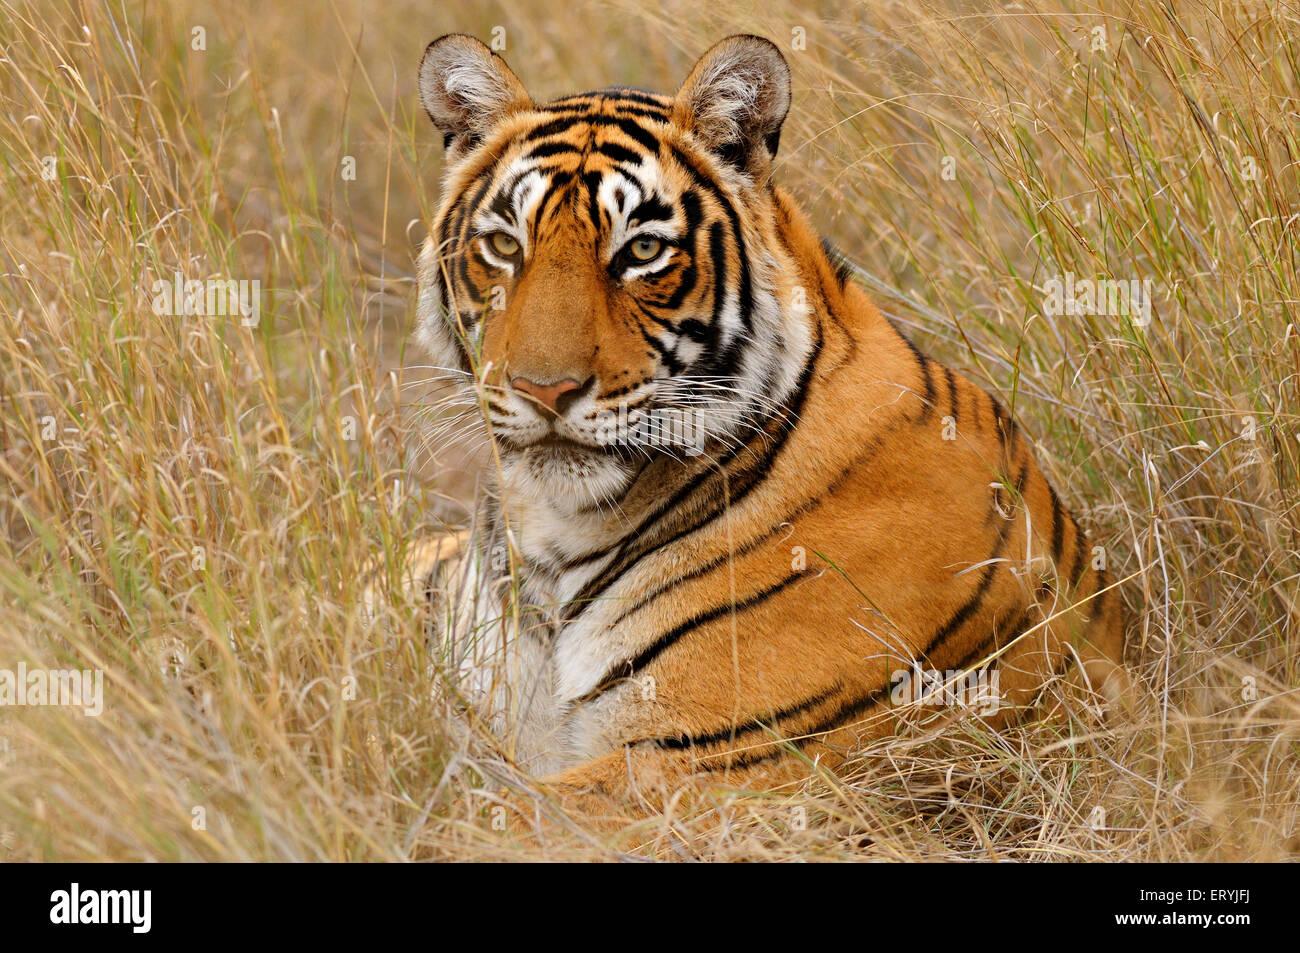 Tiger panthera tigris tigris sitting in dry grasses ; Ranthambore national park ; Rajasthan ; India - Stock Image